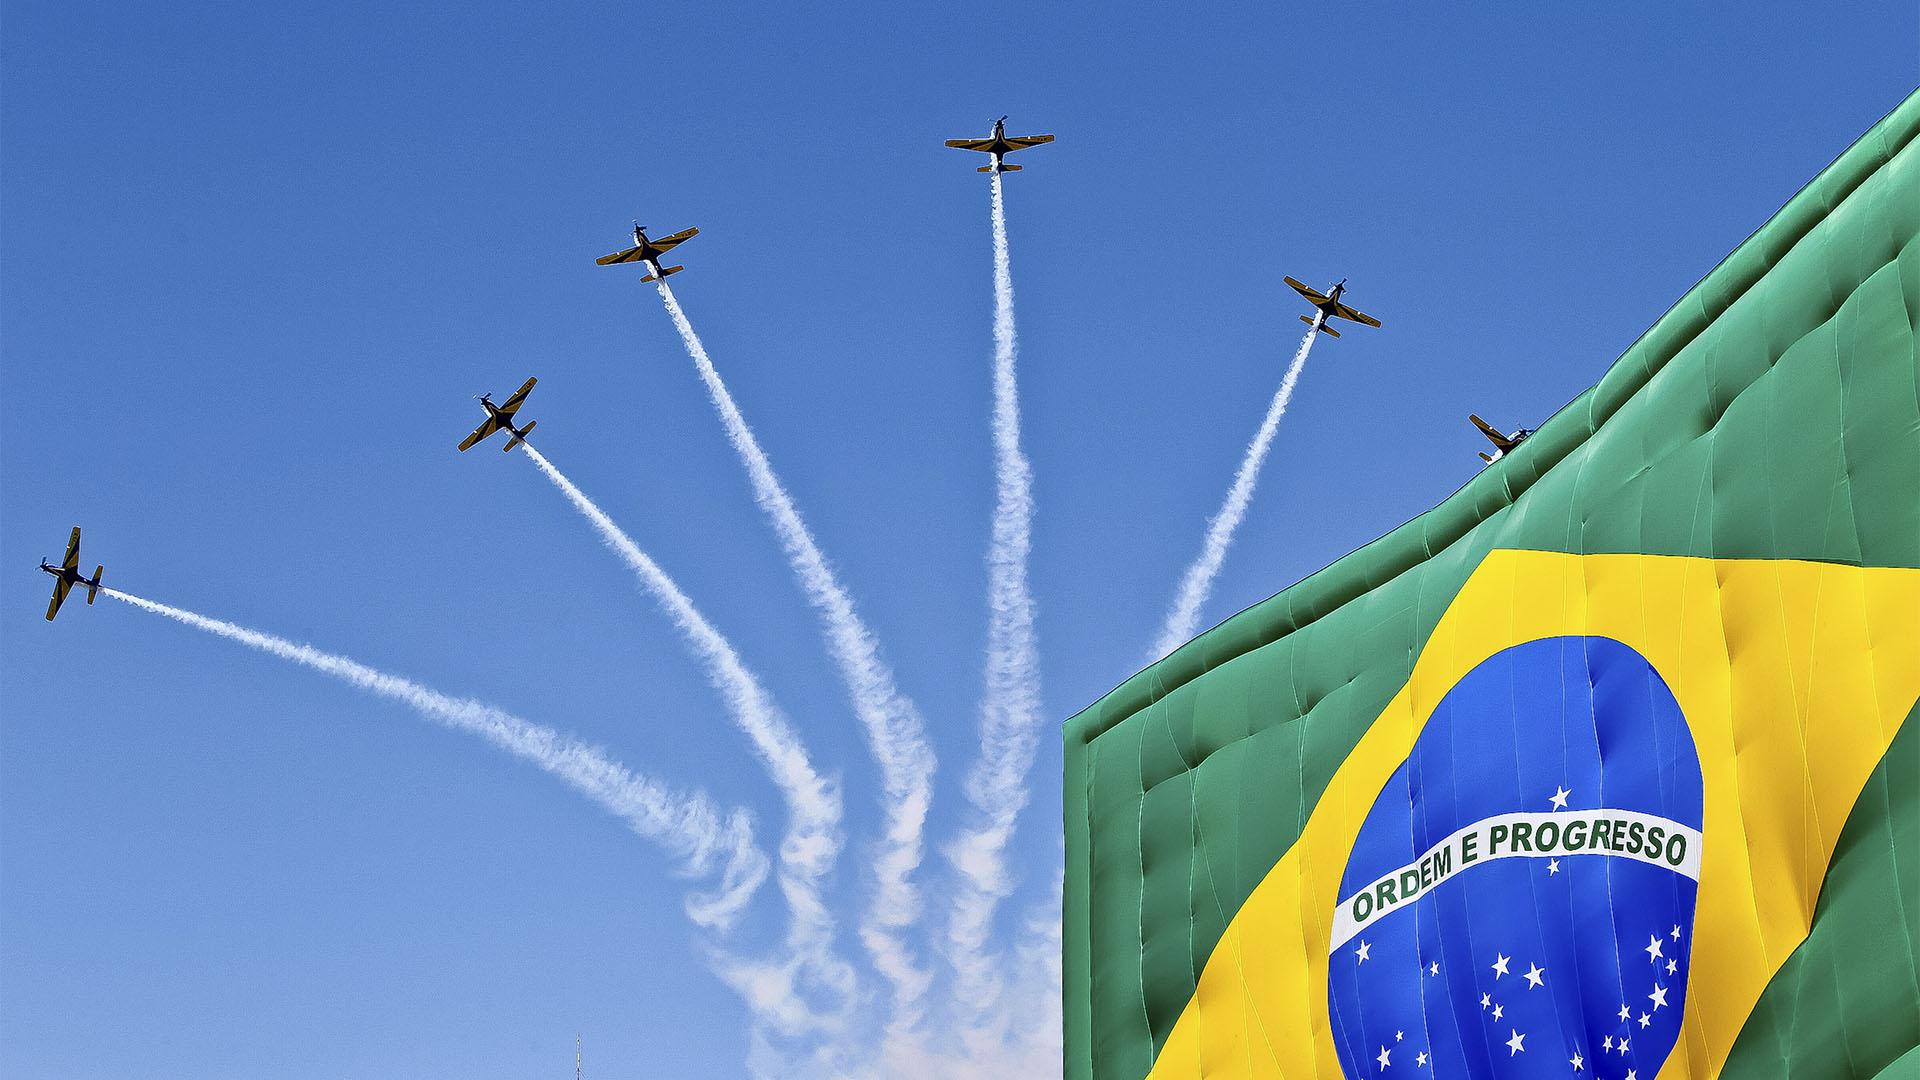 Recentemente o passaporte brasileiro passou por diversas mudanças e hoje possui estrelas na capa azul e marcas de segurança diversificadas.